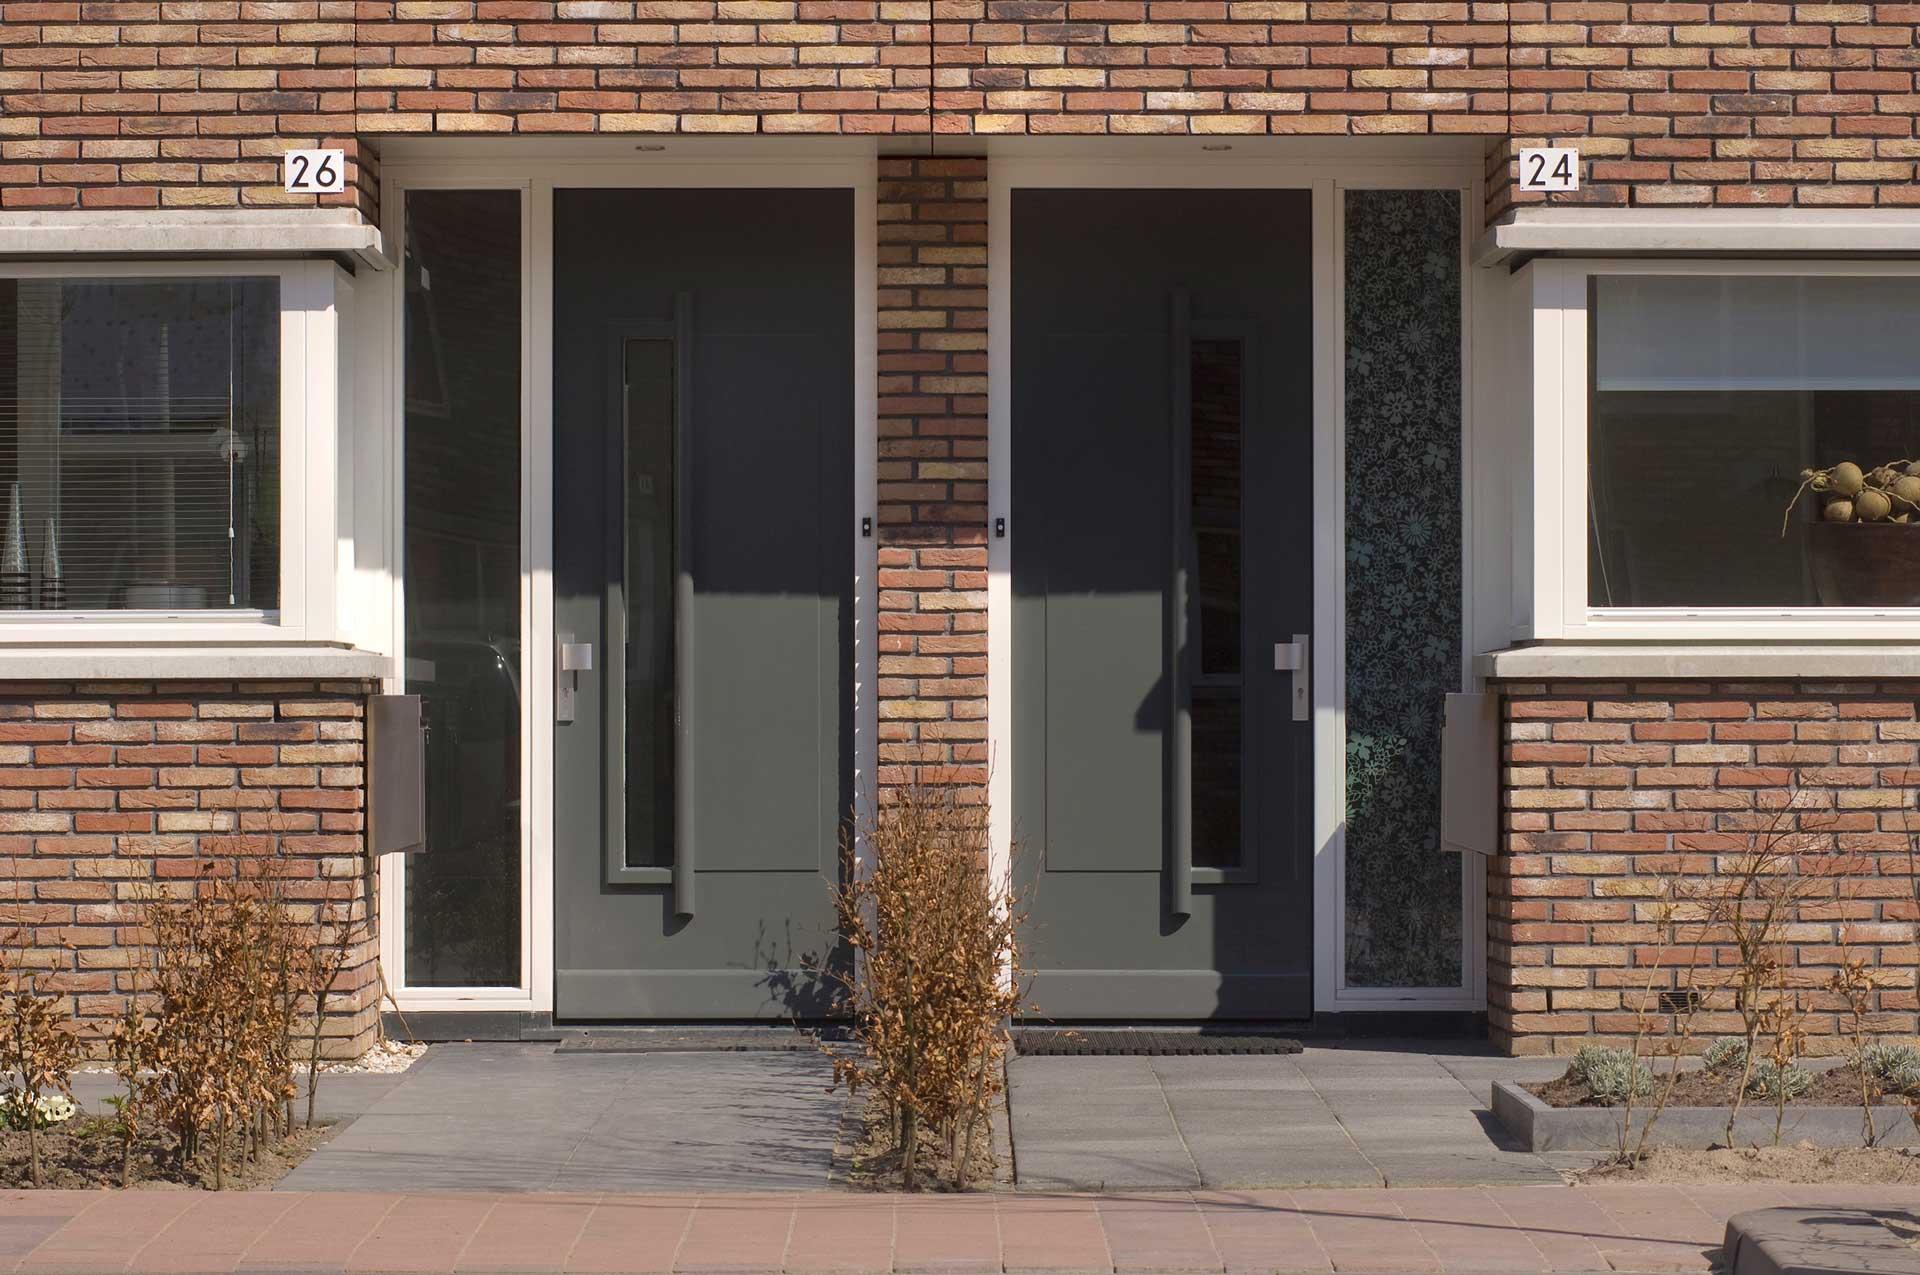 Zwolle – Hof en de 7 hoven